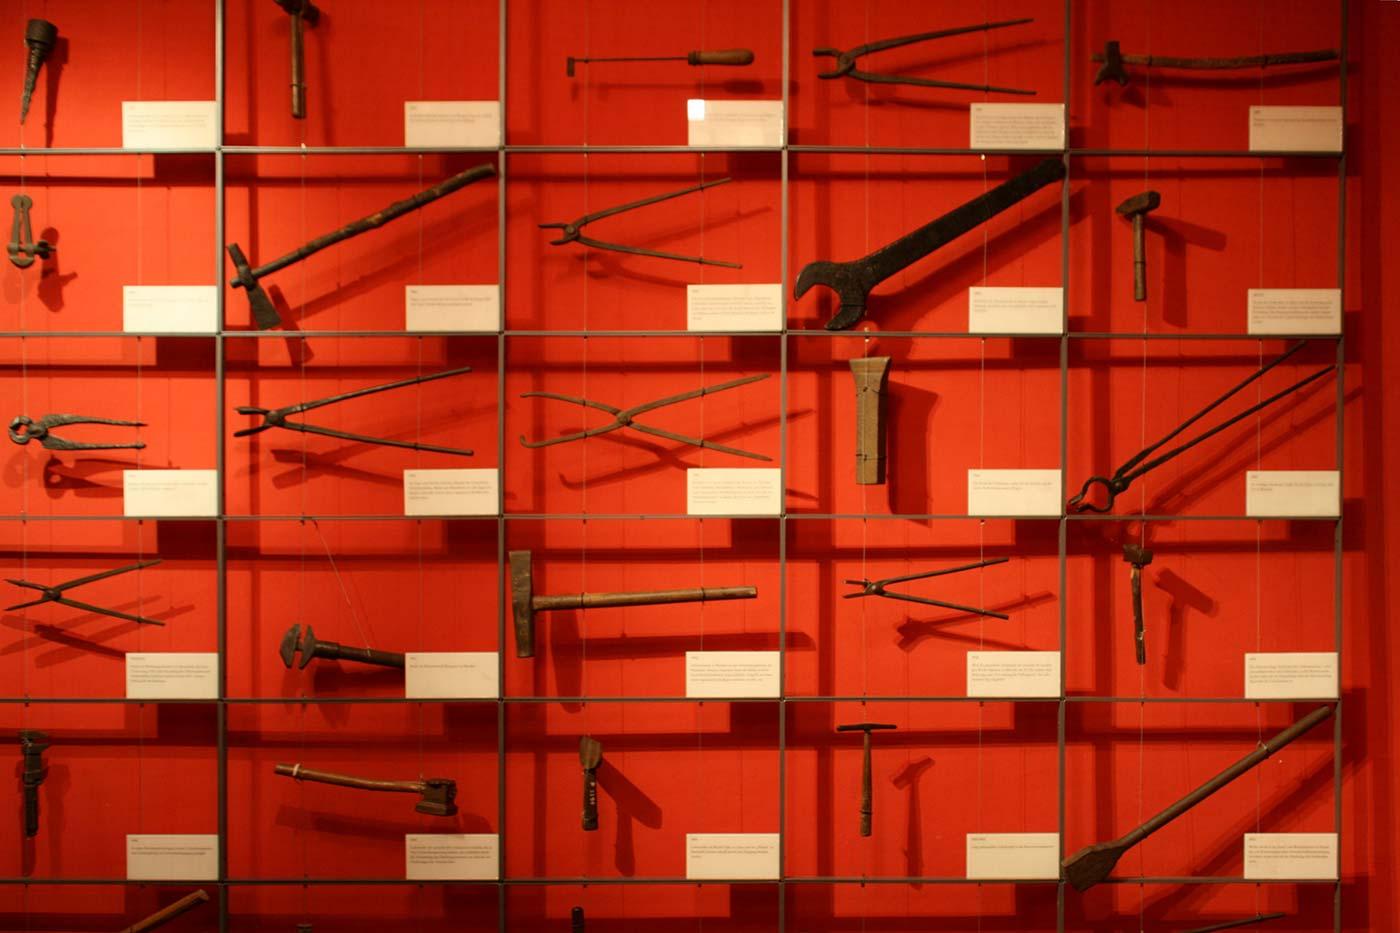 Tools on display